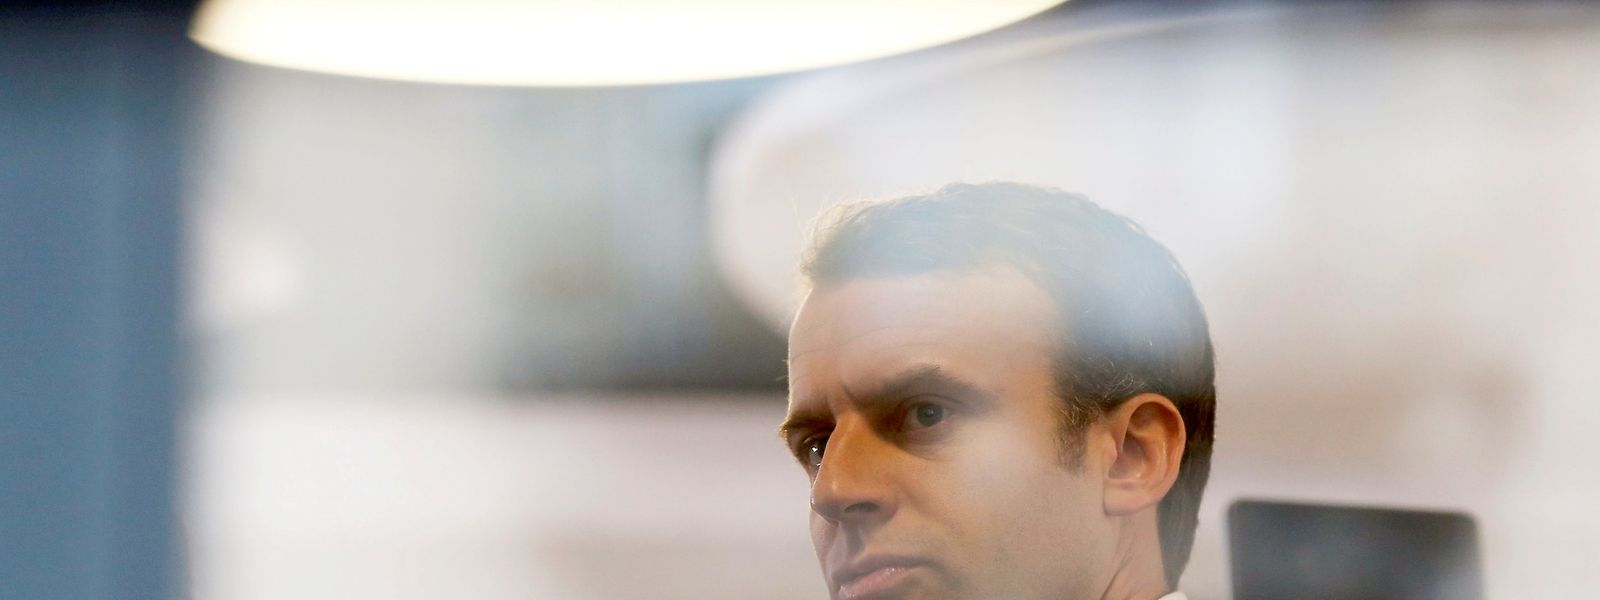 Präsidentschaftskandidat Emmanuel Macron wurde nach eigenen Angaben Opfer eines schweren Hackerangriffs.